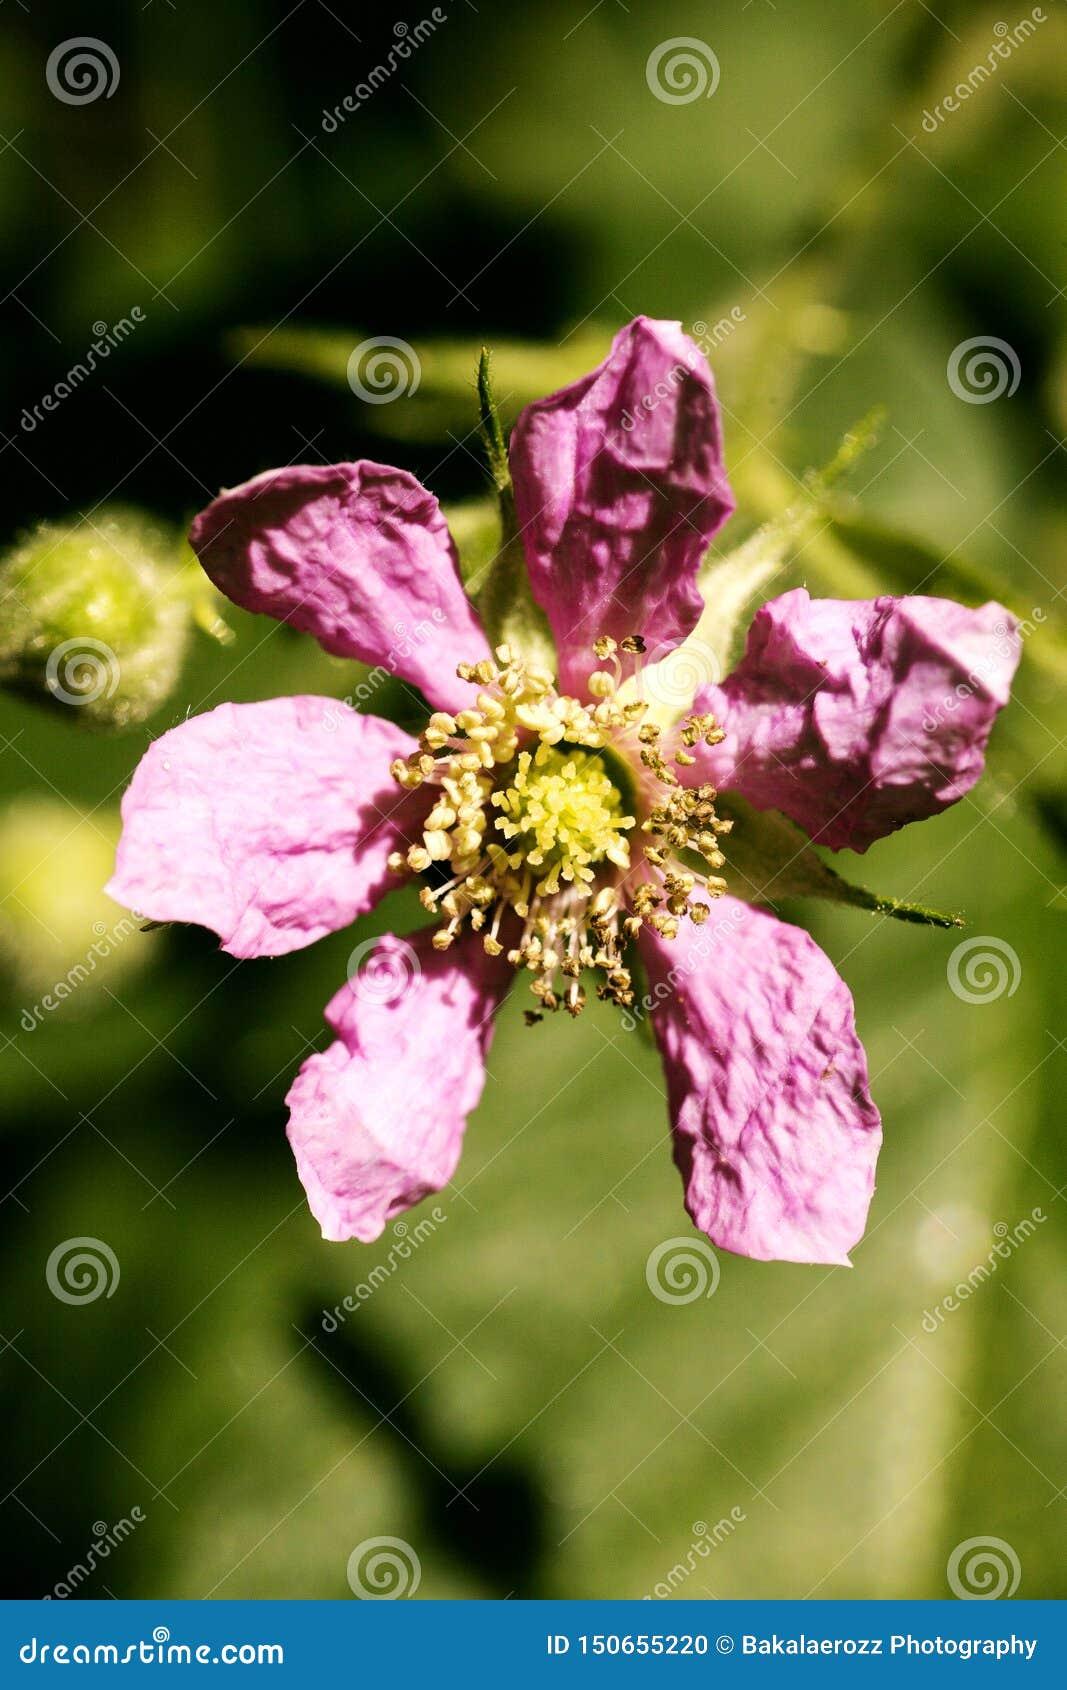 Di arti del fondo della famiglia di acni rosacee di rubus occidentalis del fiore macro nei prodotti delle stampe di alta qualità